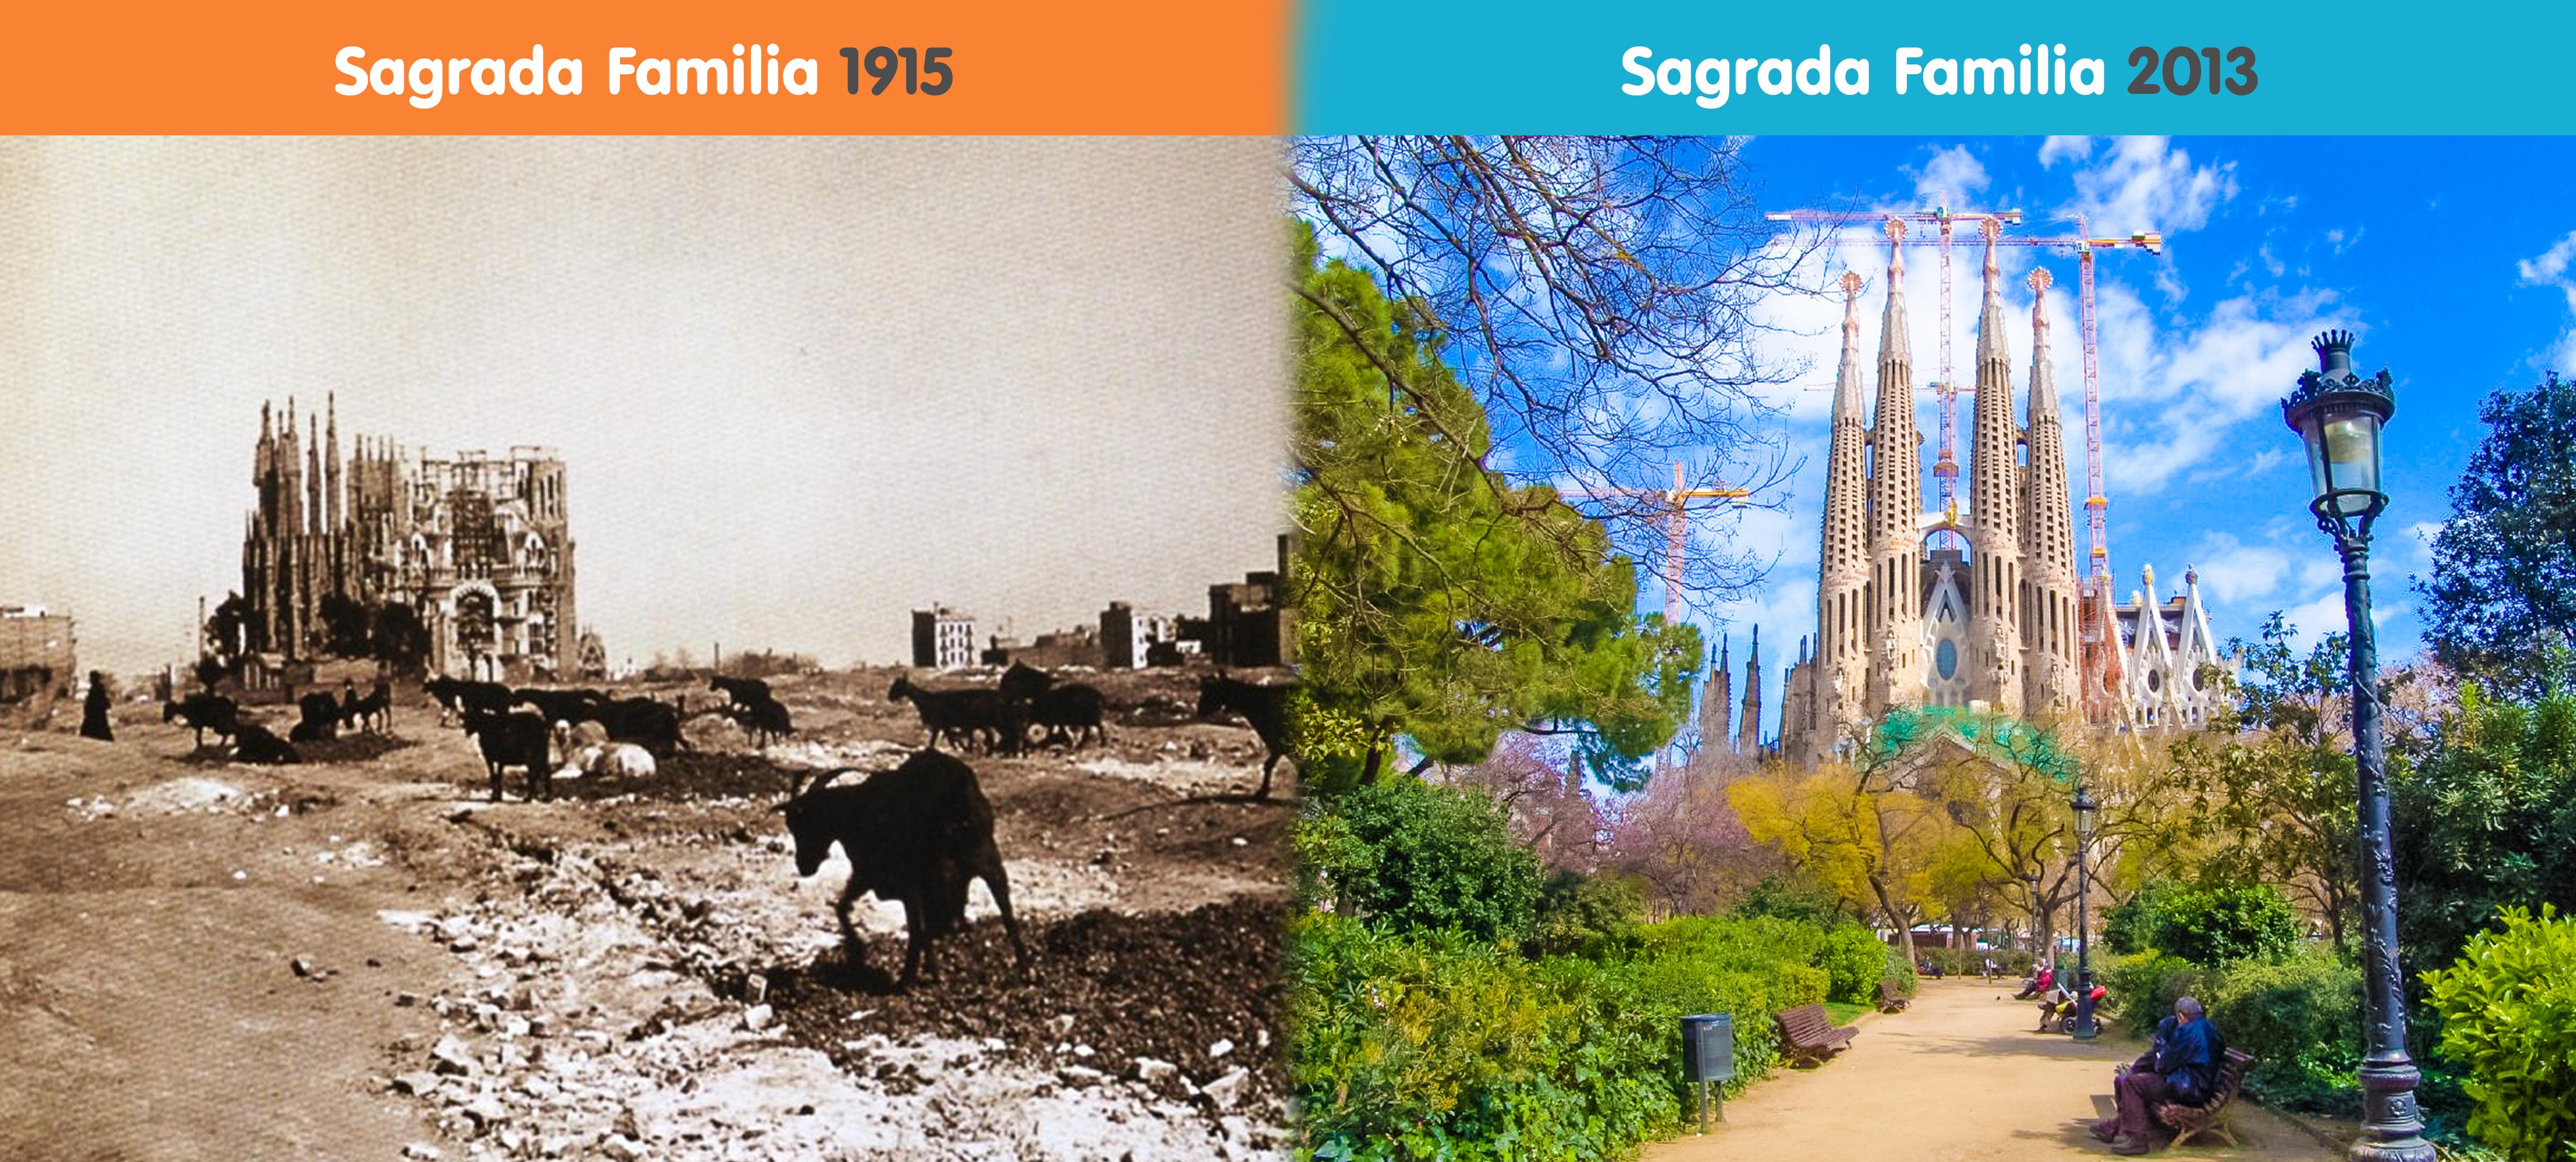 Breve storia della Sagrada Familia